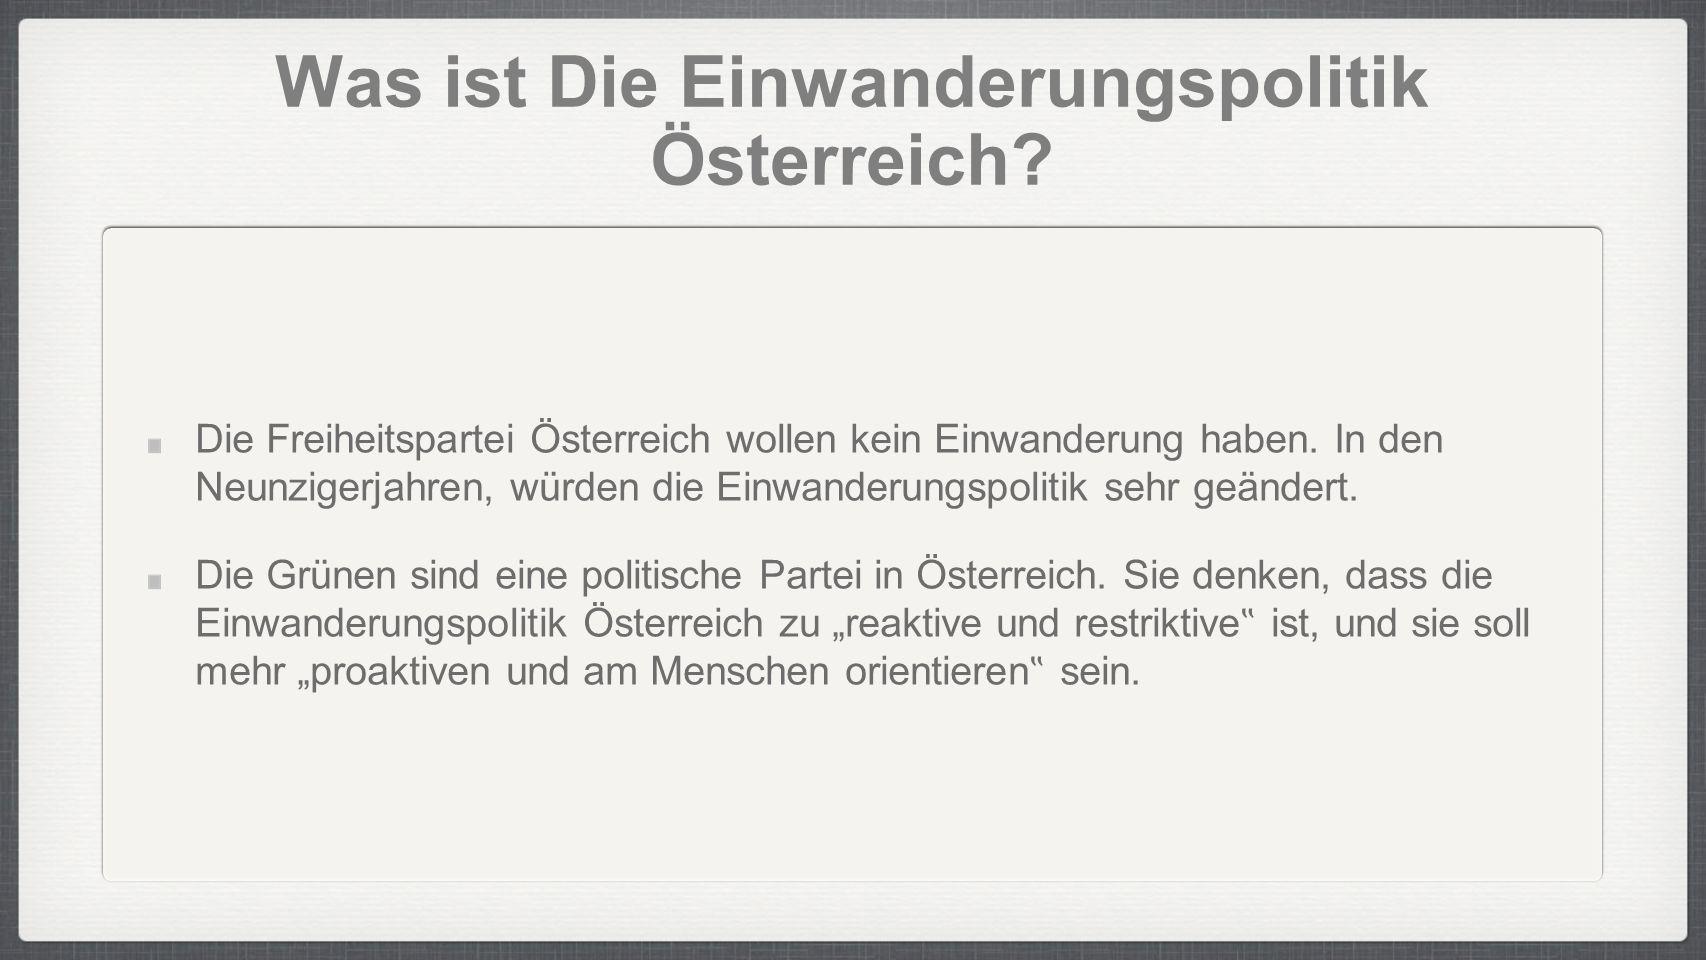 Was ist Die Einwanderungspolitik Österreich